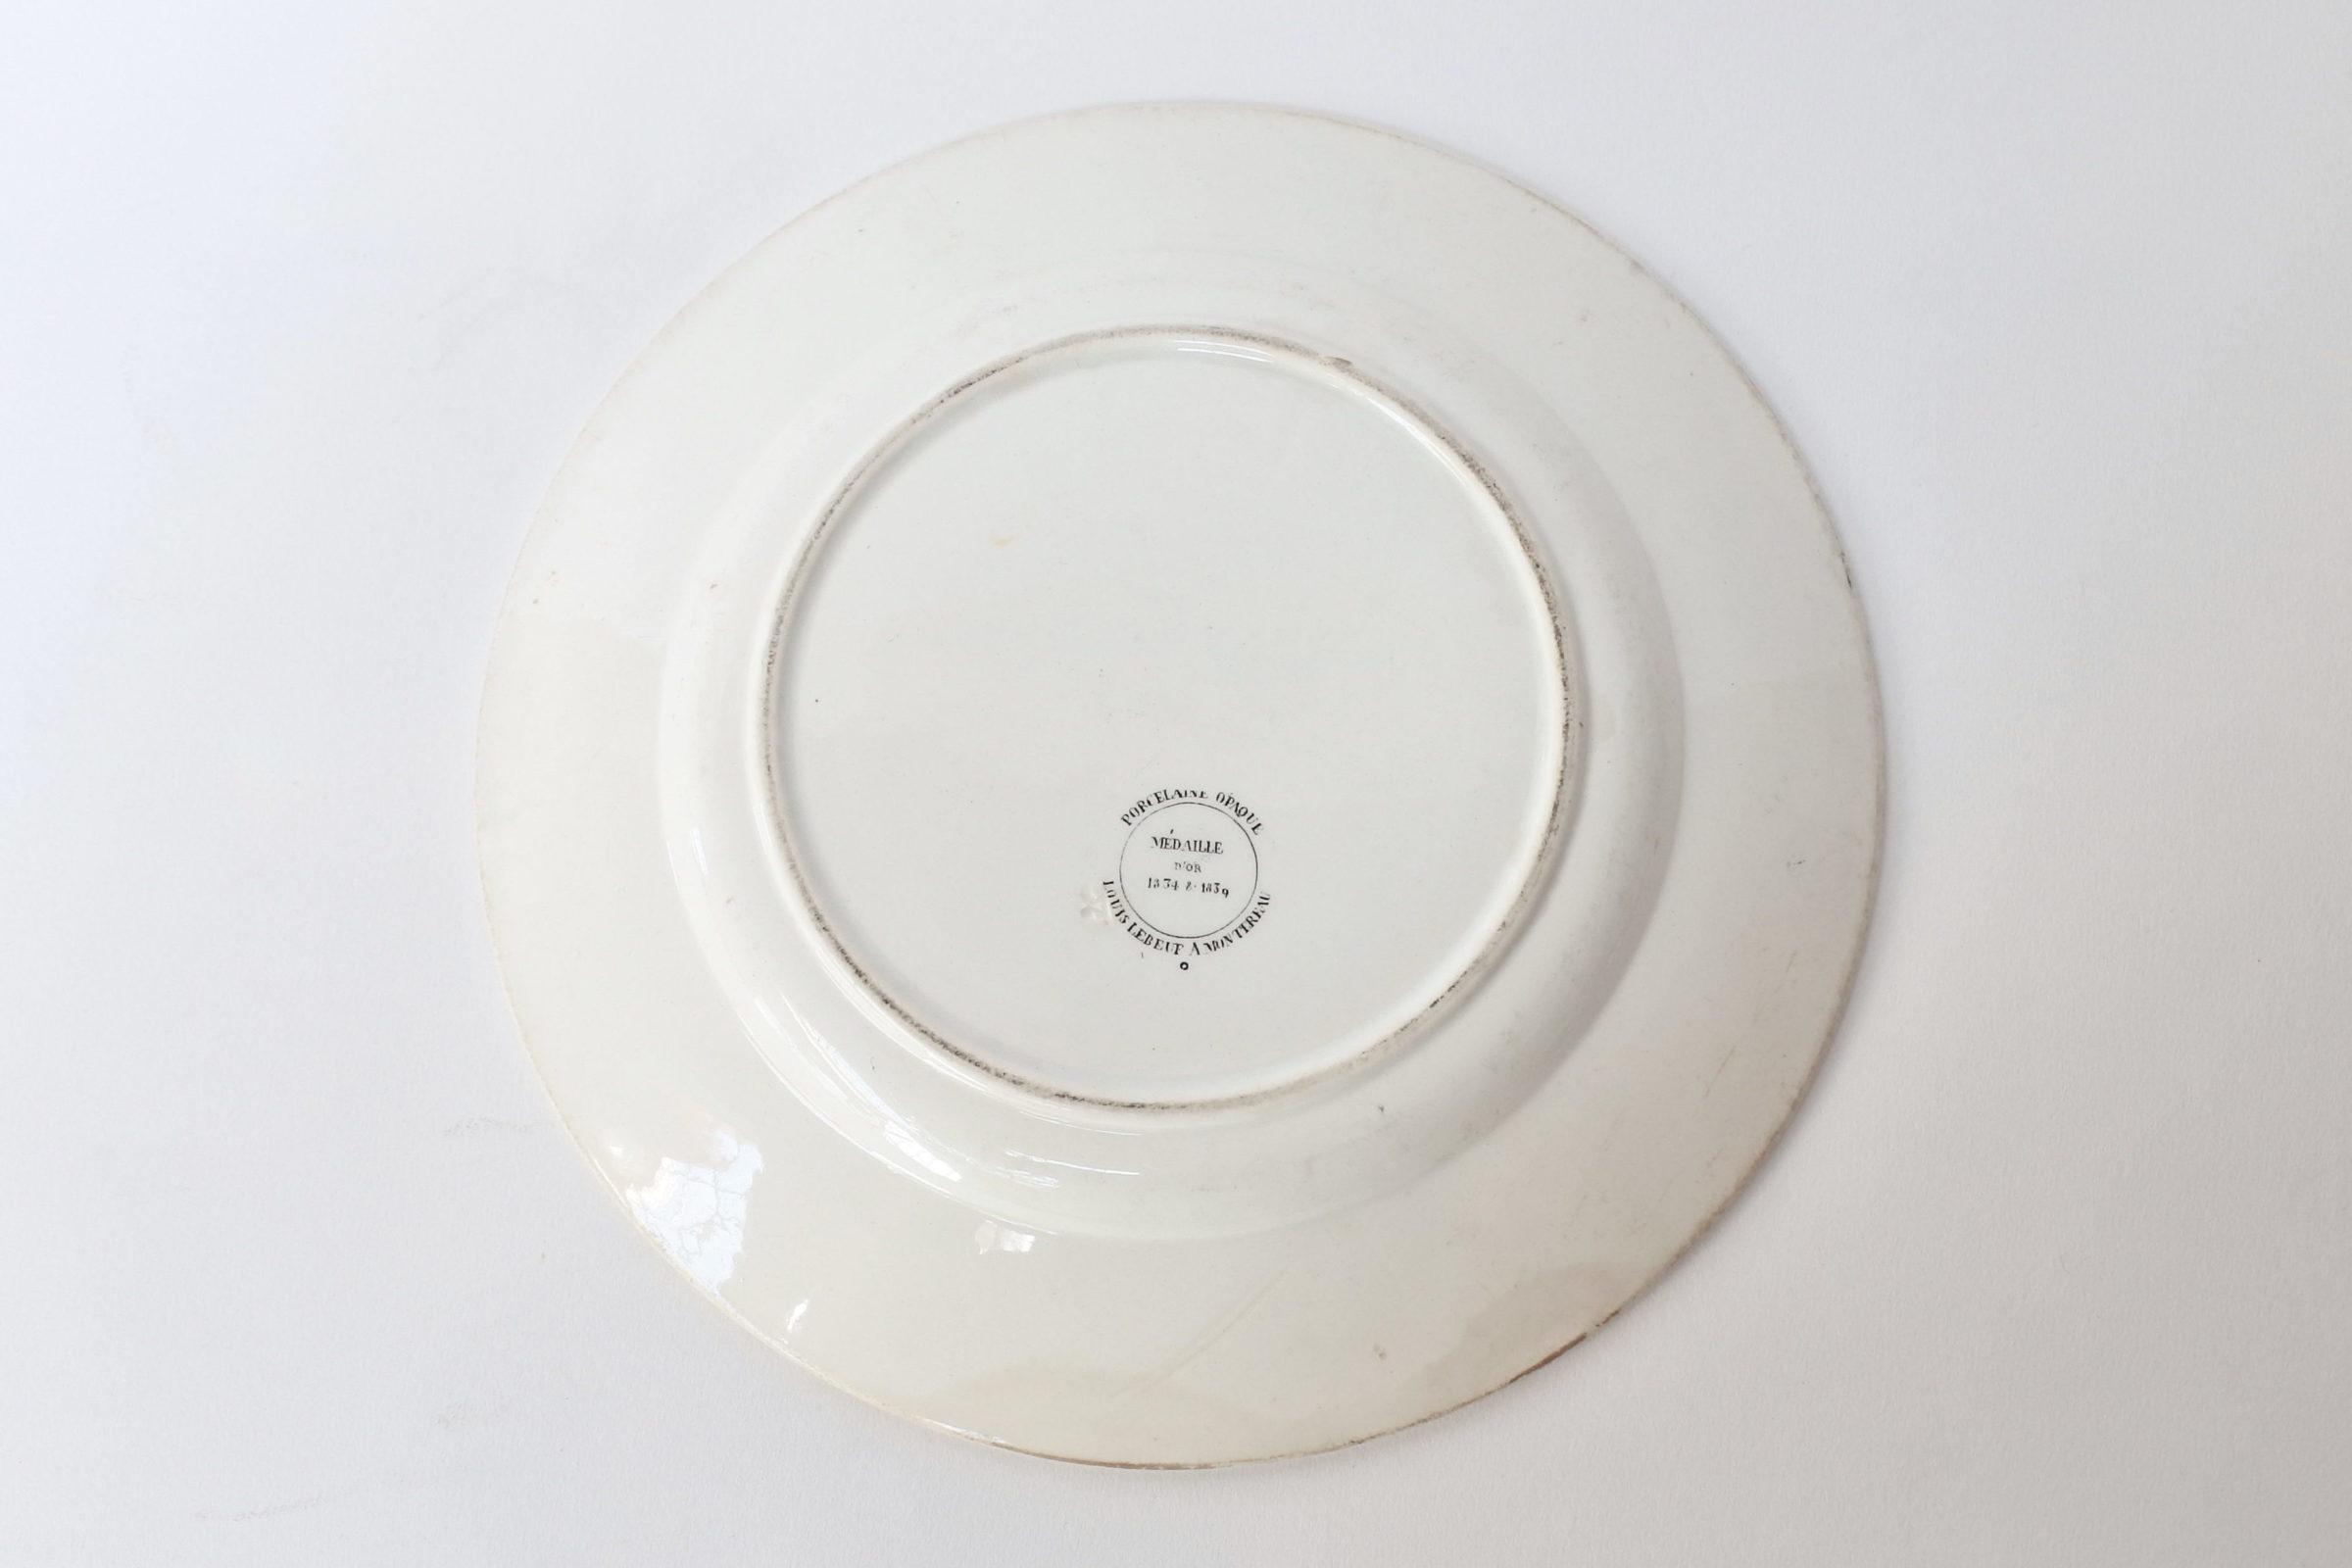 Piatto in ceramica con cornice nera decorato con rebus - 2